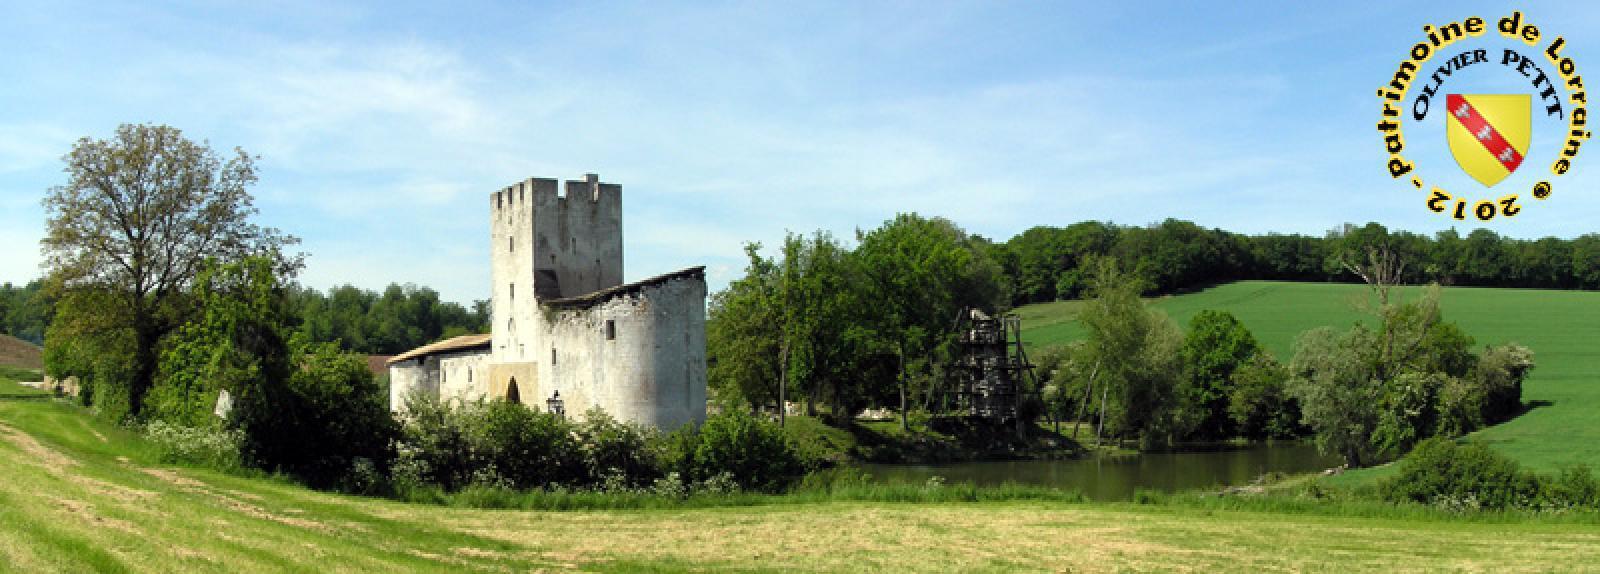 Le chateau de Gombervaux